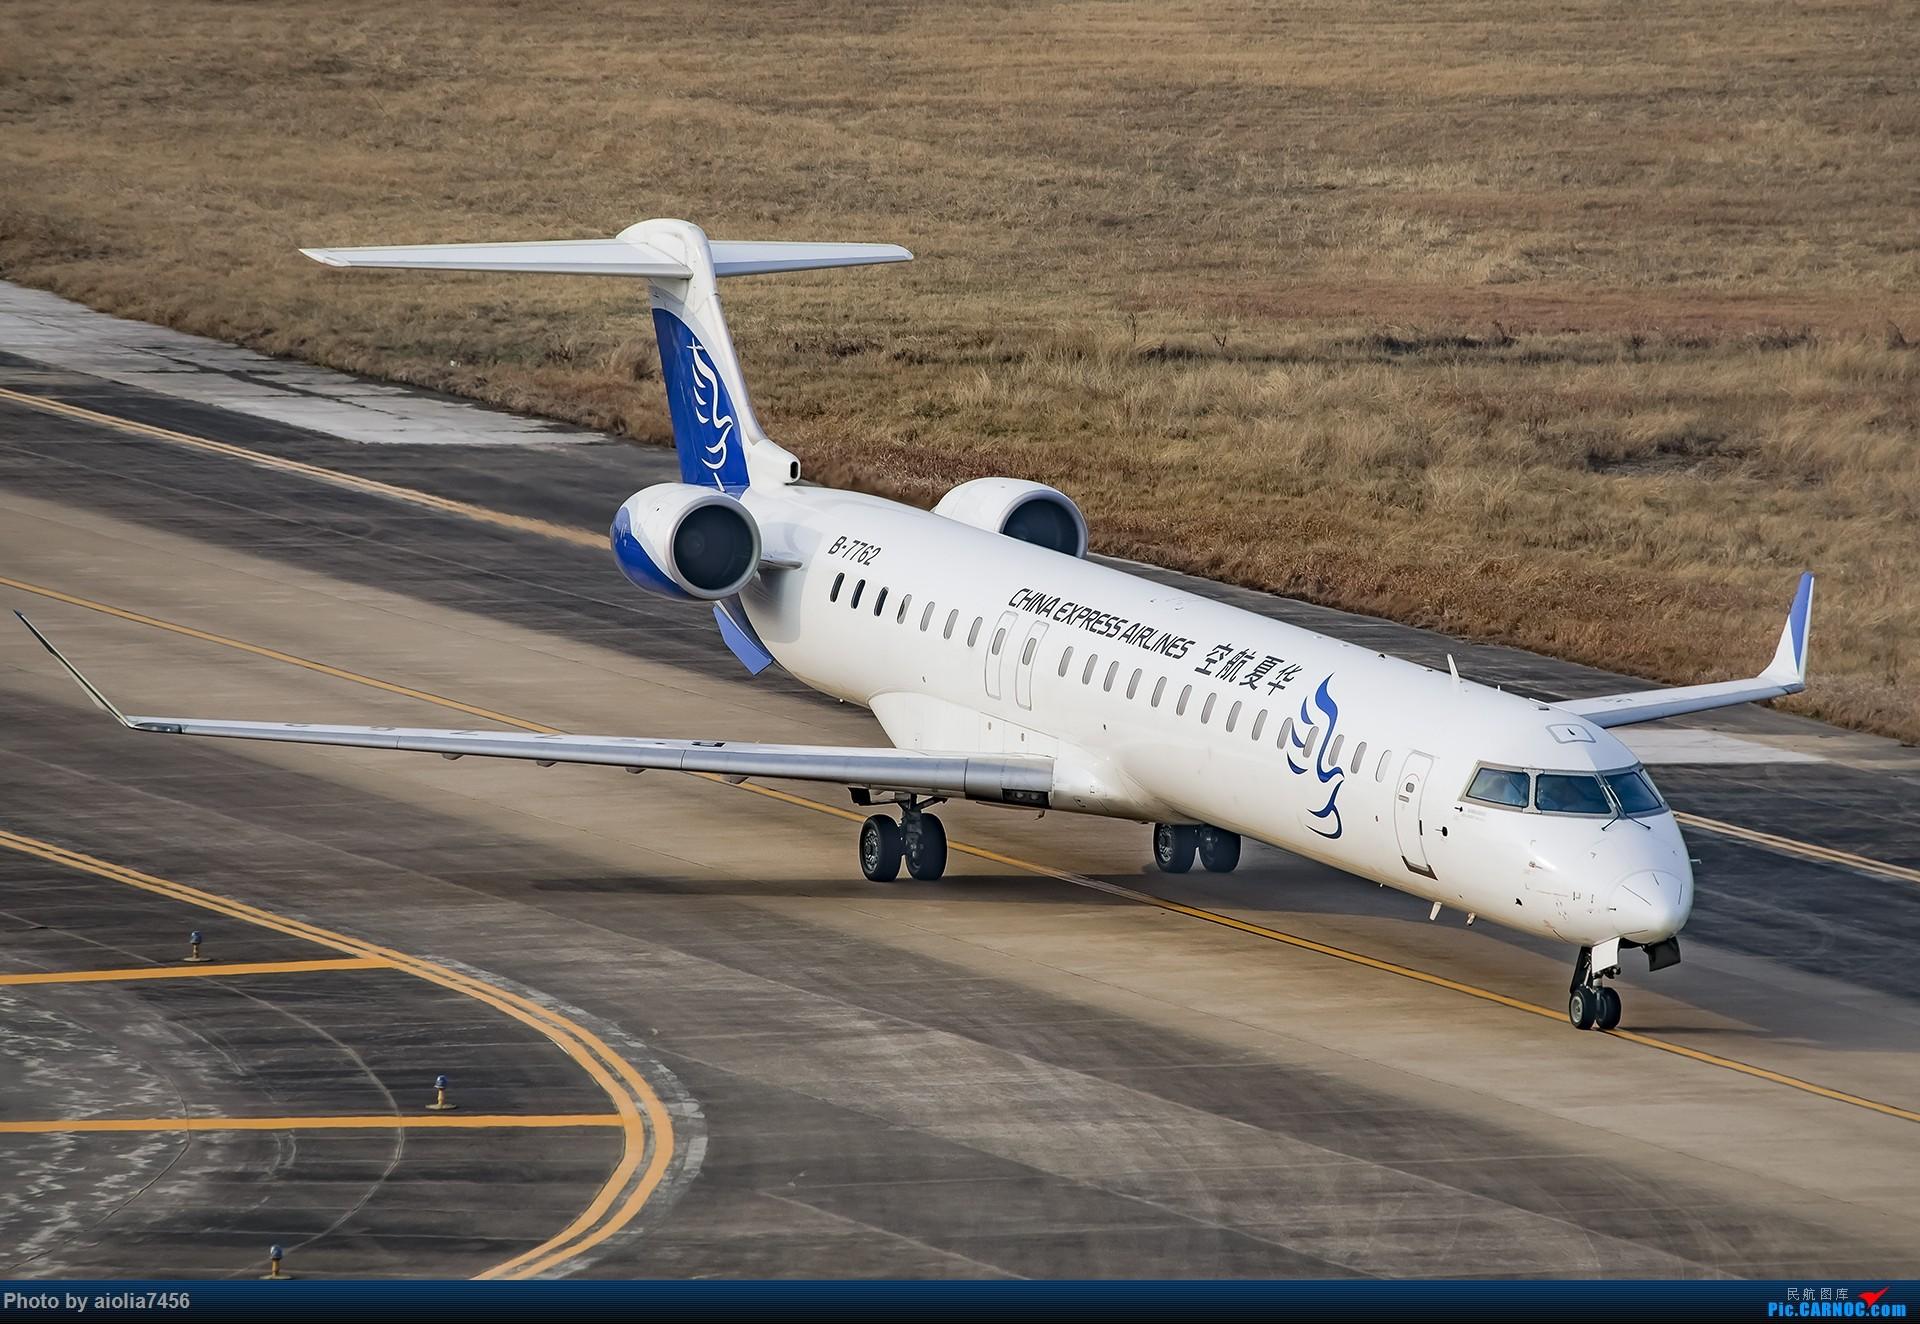 Re:[原创]【霸都打机队】换了机器后的第一帖-安徽小机场之旅 BOMBARDIER CRJ900NG B-7762 中国阜阳西关机场